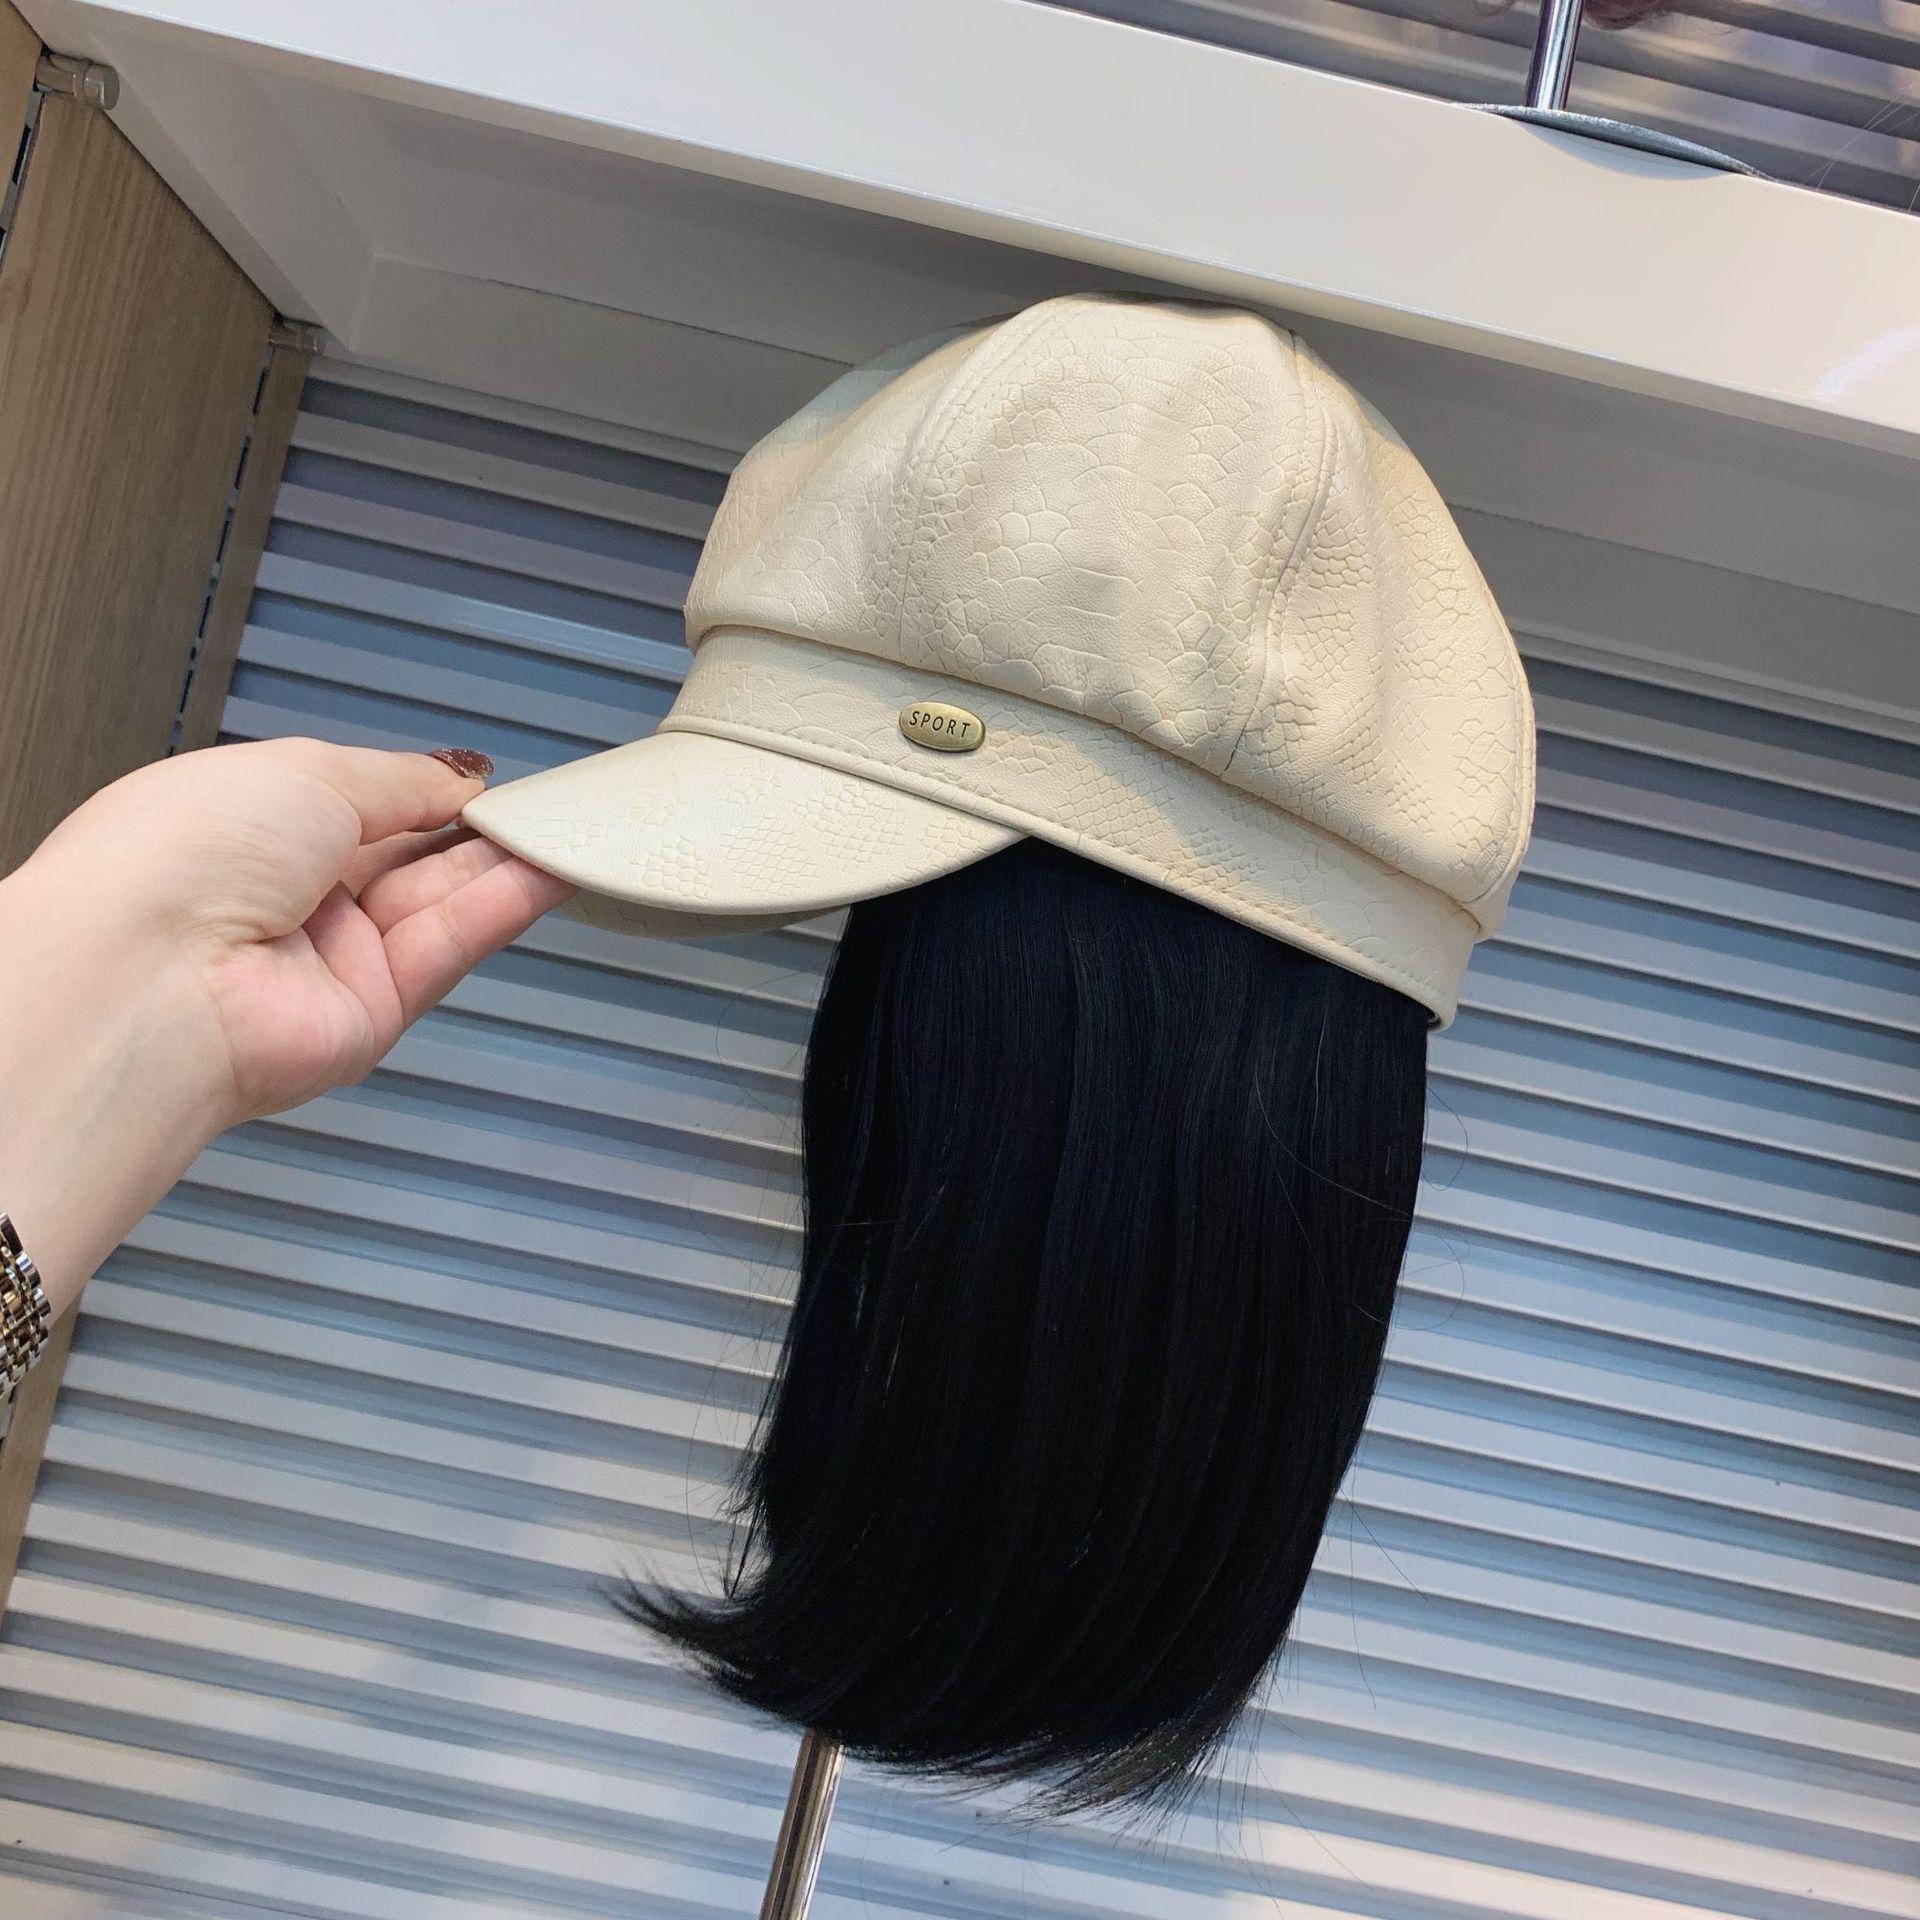 202101-shi الموضة حجر الحبوب بو قبعة المرقعة كول كاذبة الشعر الرياضة سيدة خدمة مثمنة قبعة المرأة الترفيه أقنعة قبعة